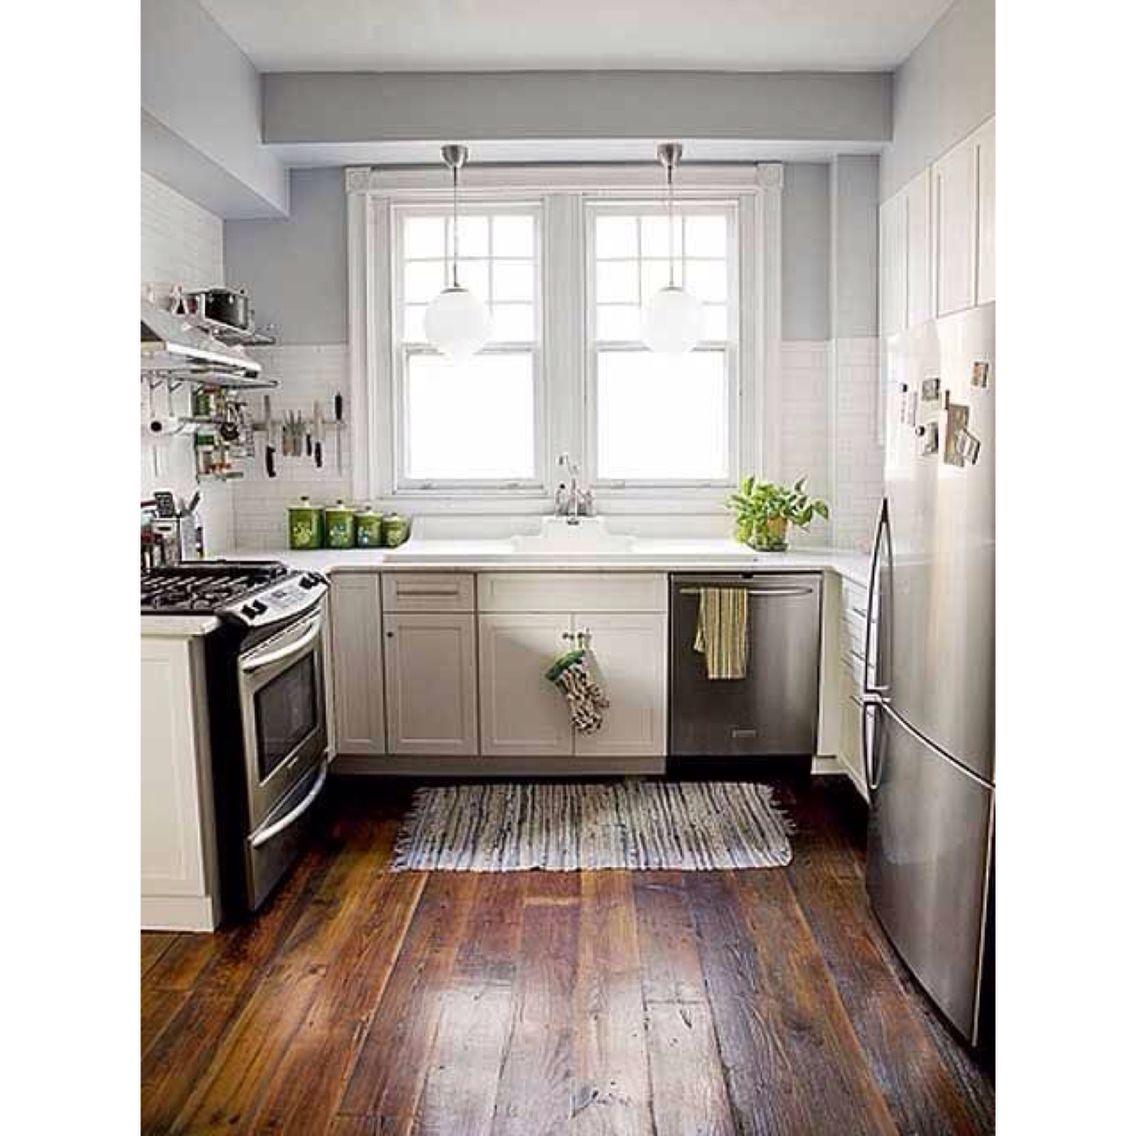 Small kitchen | Ahorrar espacios. | Pinterest | Cocina nueva ...